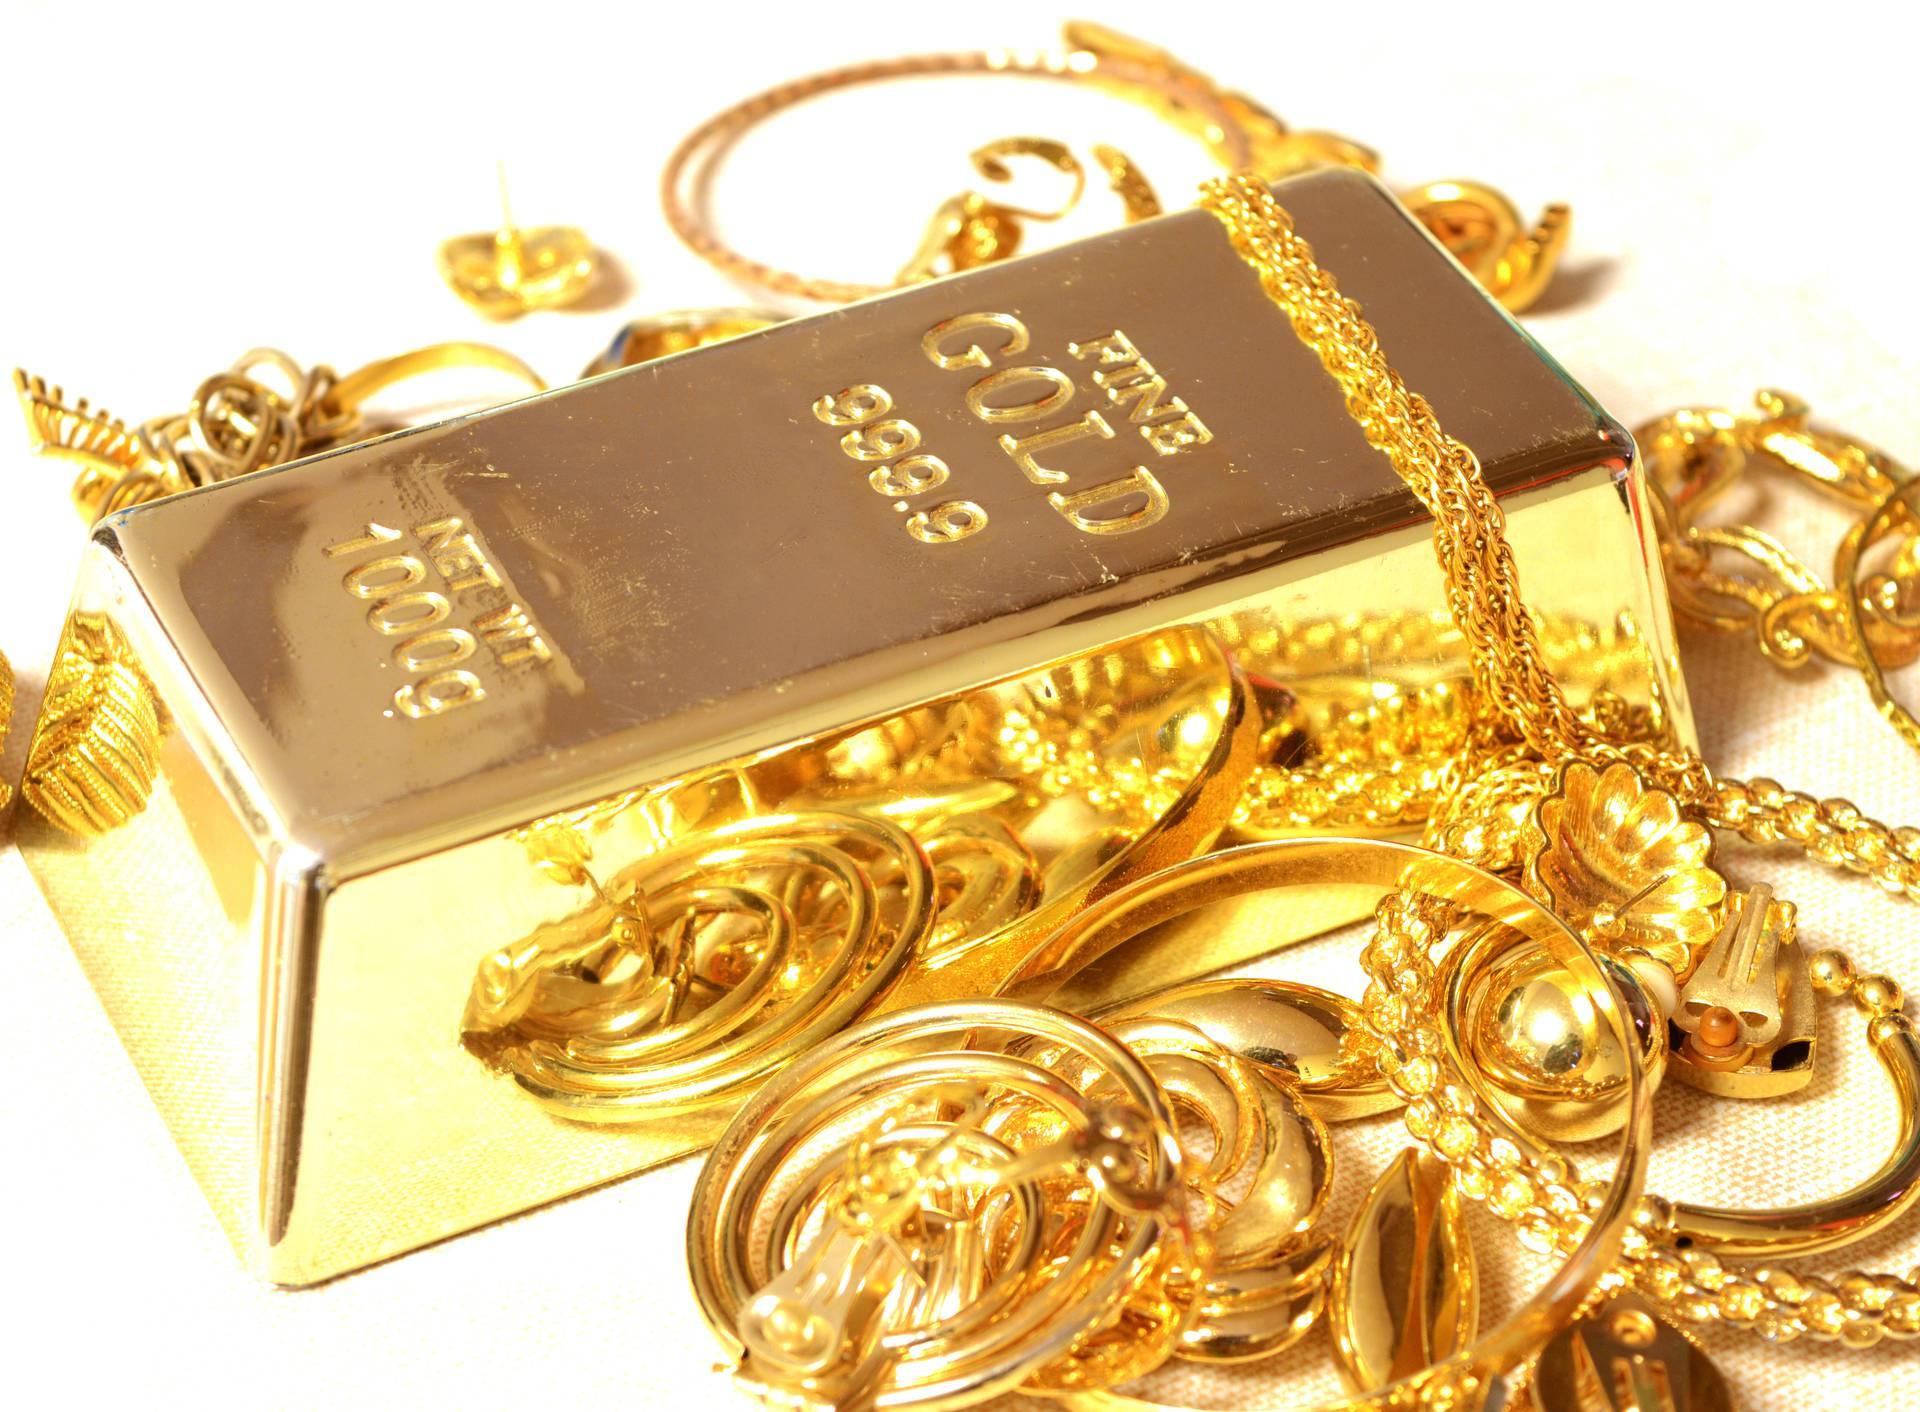 Svi poludjeli za polugicama od 100 grama zlata, ali ih nema...